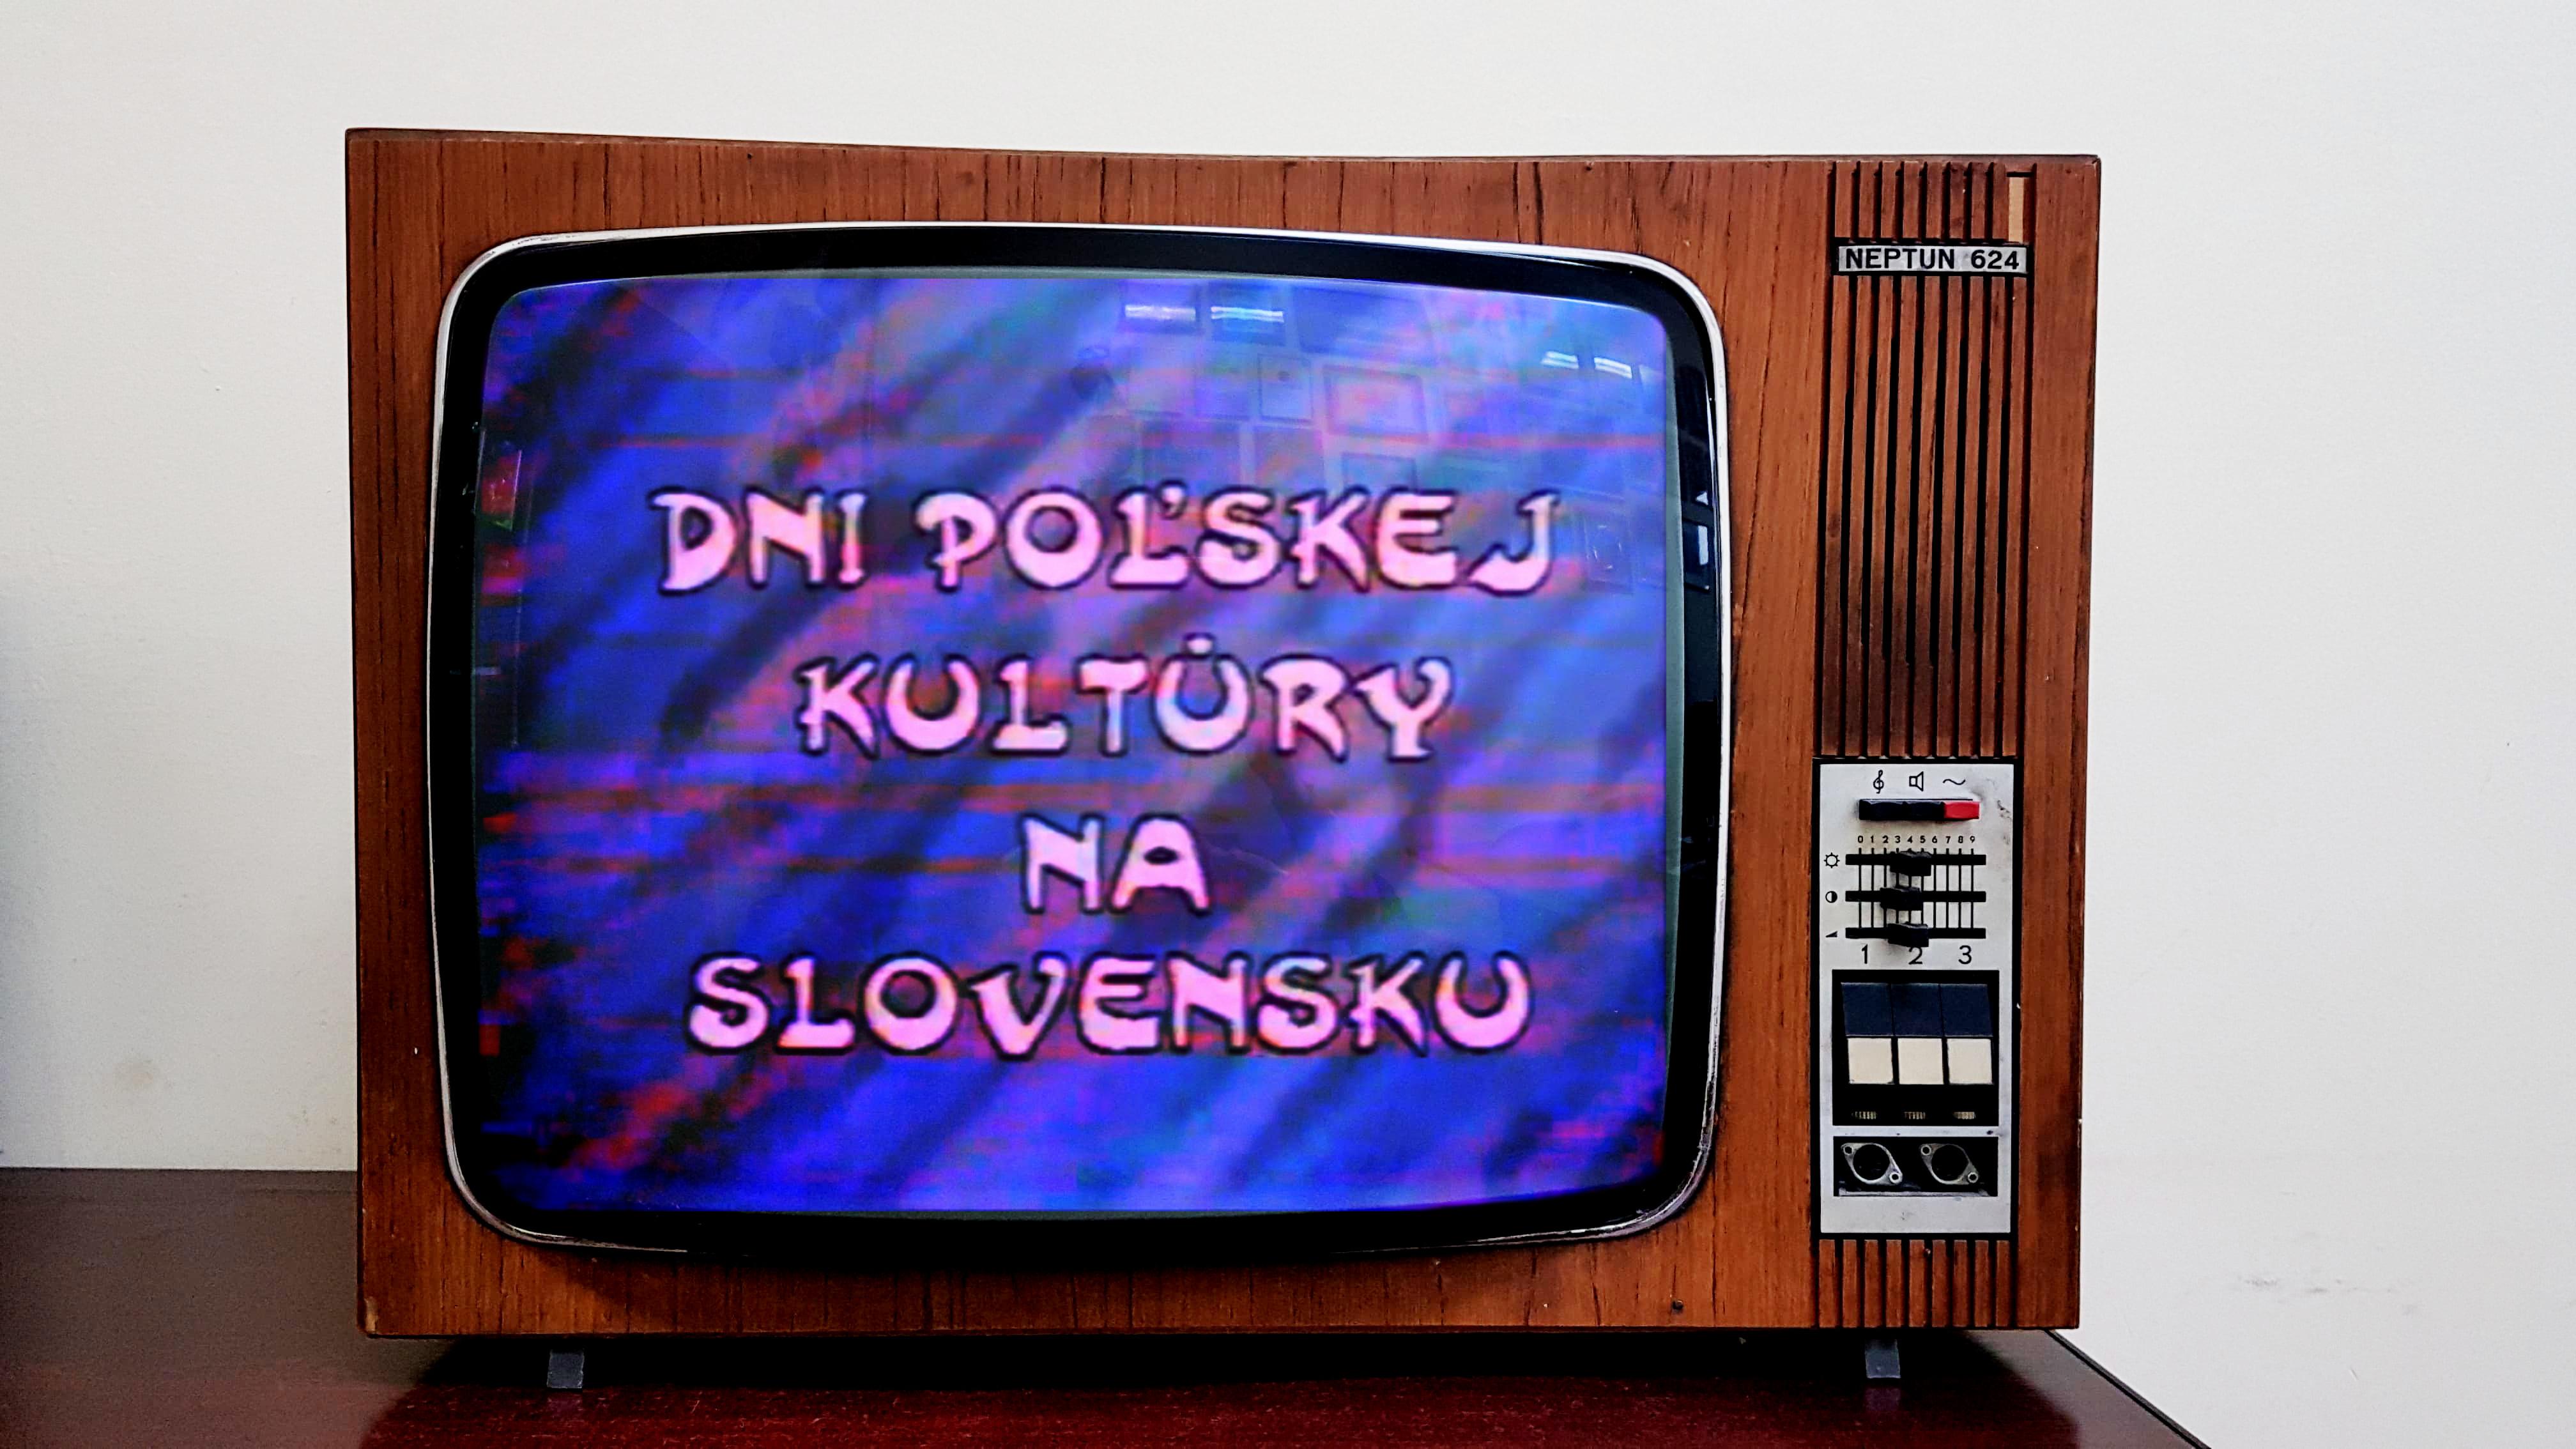 Historia imprez na starych taśmach – Dni polskiej kultury na Słowacji w 1996r.